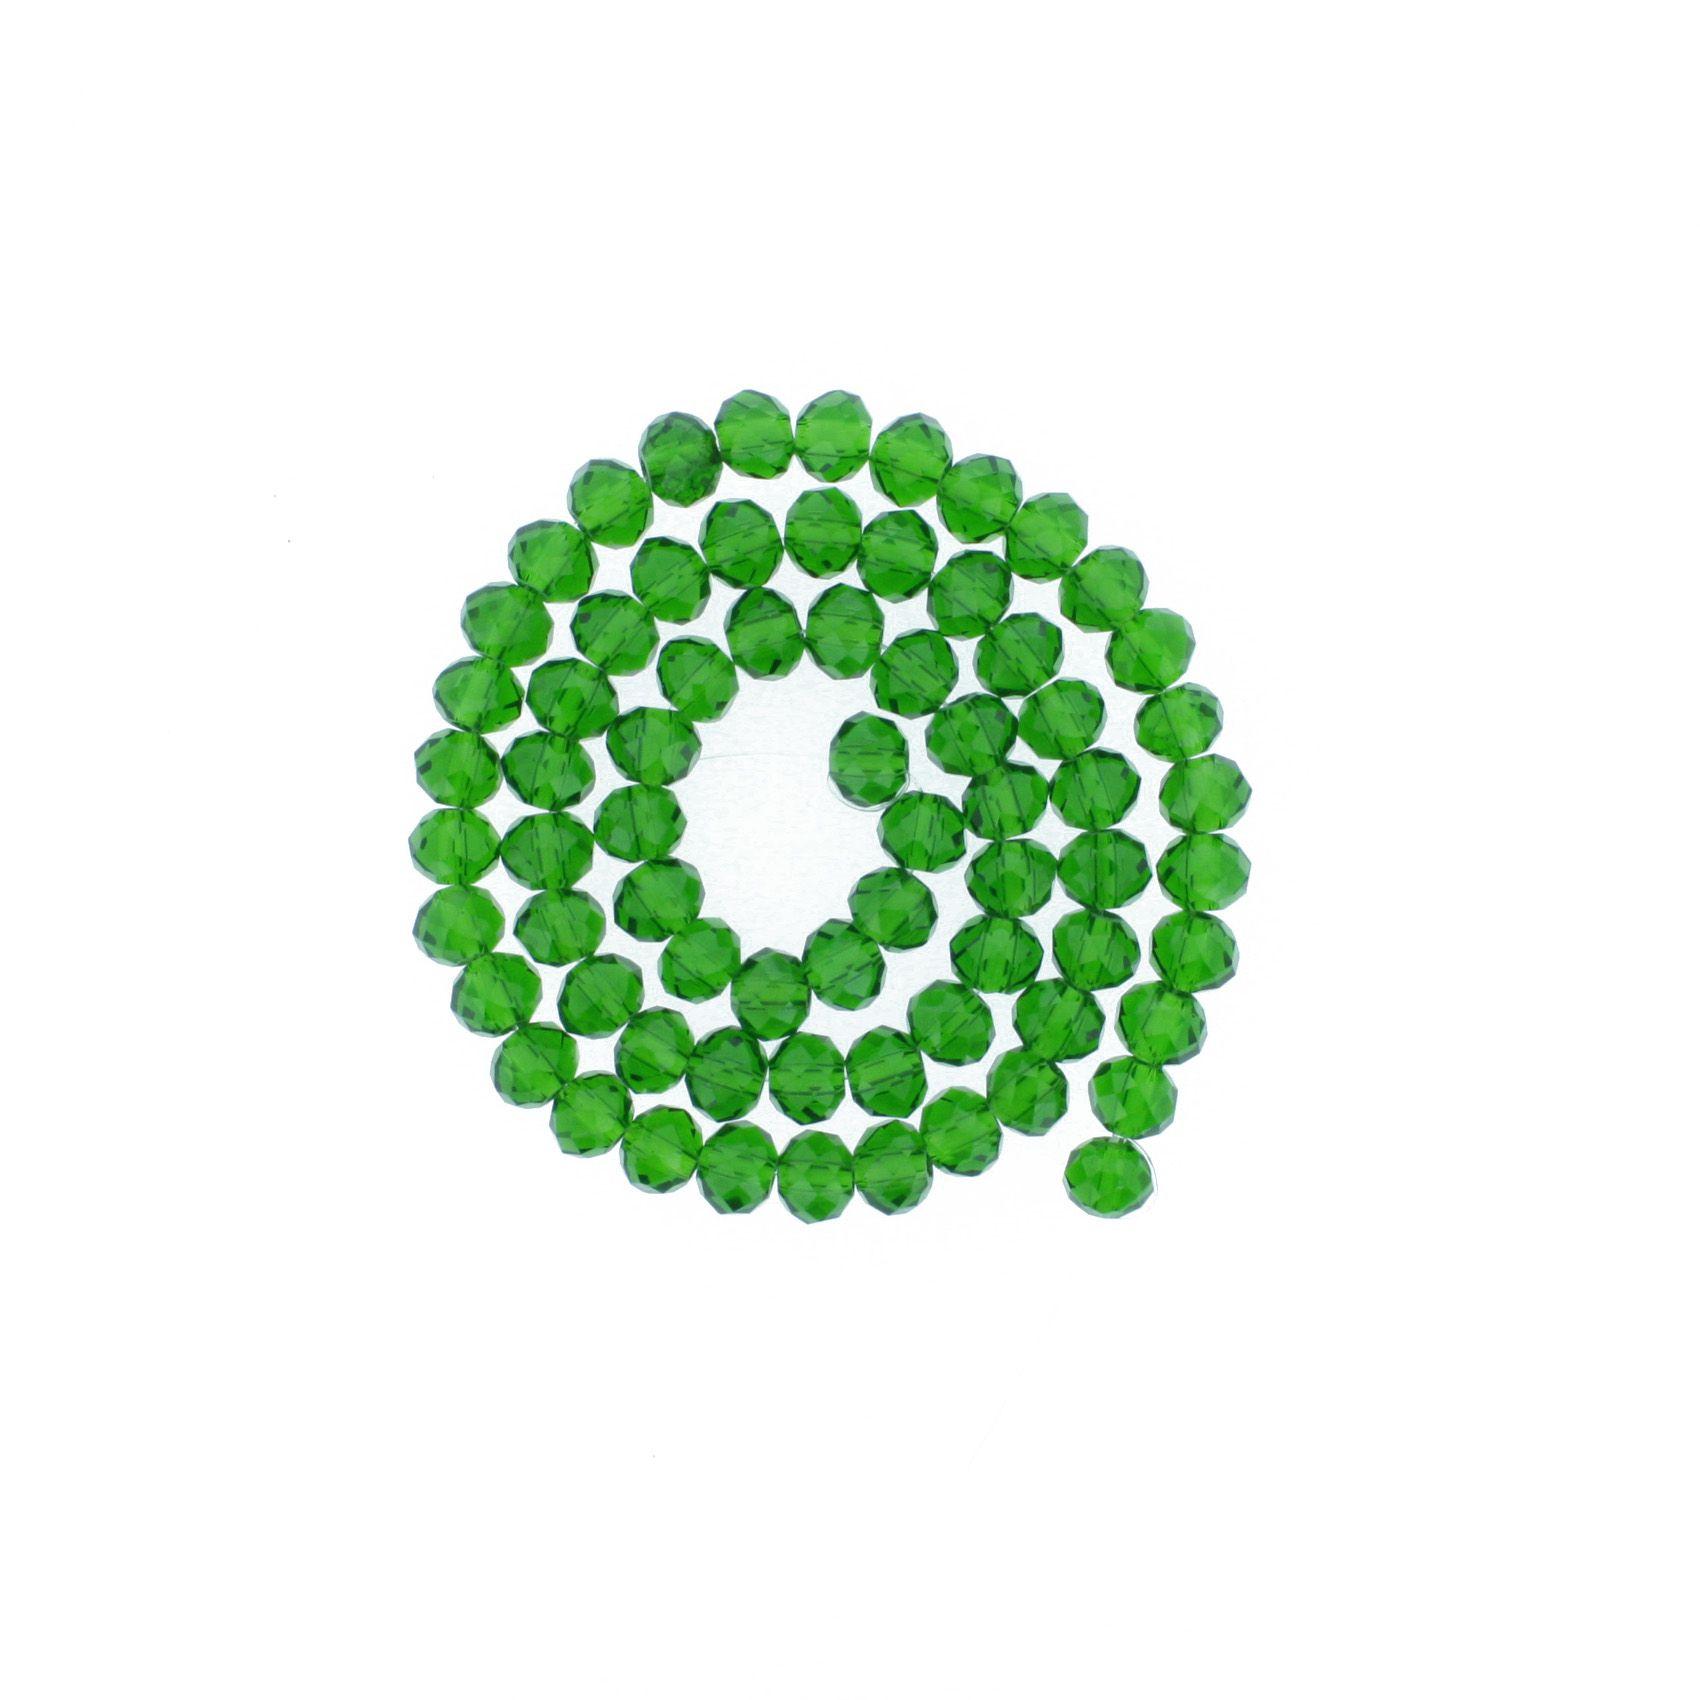 Fio de Cristal - Flat® - Verde Escuro Transparente - 8mm  - Stéphanie Bijoux® - Peças para Bijuterias e Artesanato